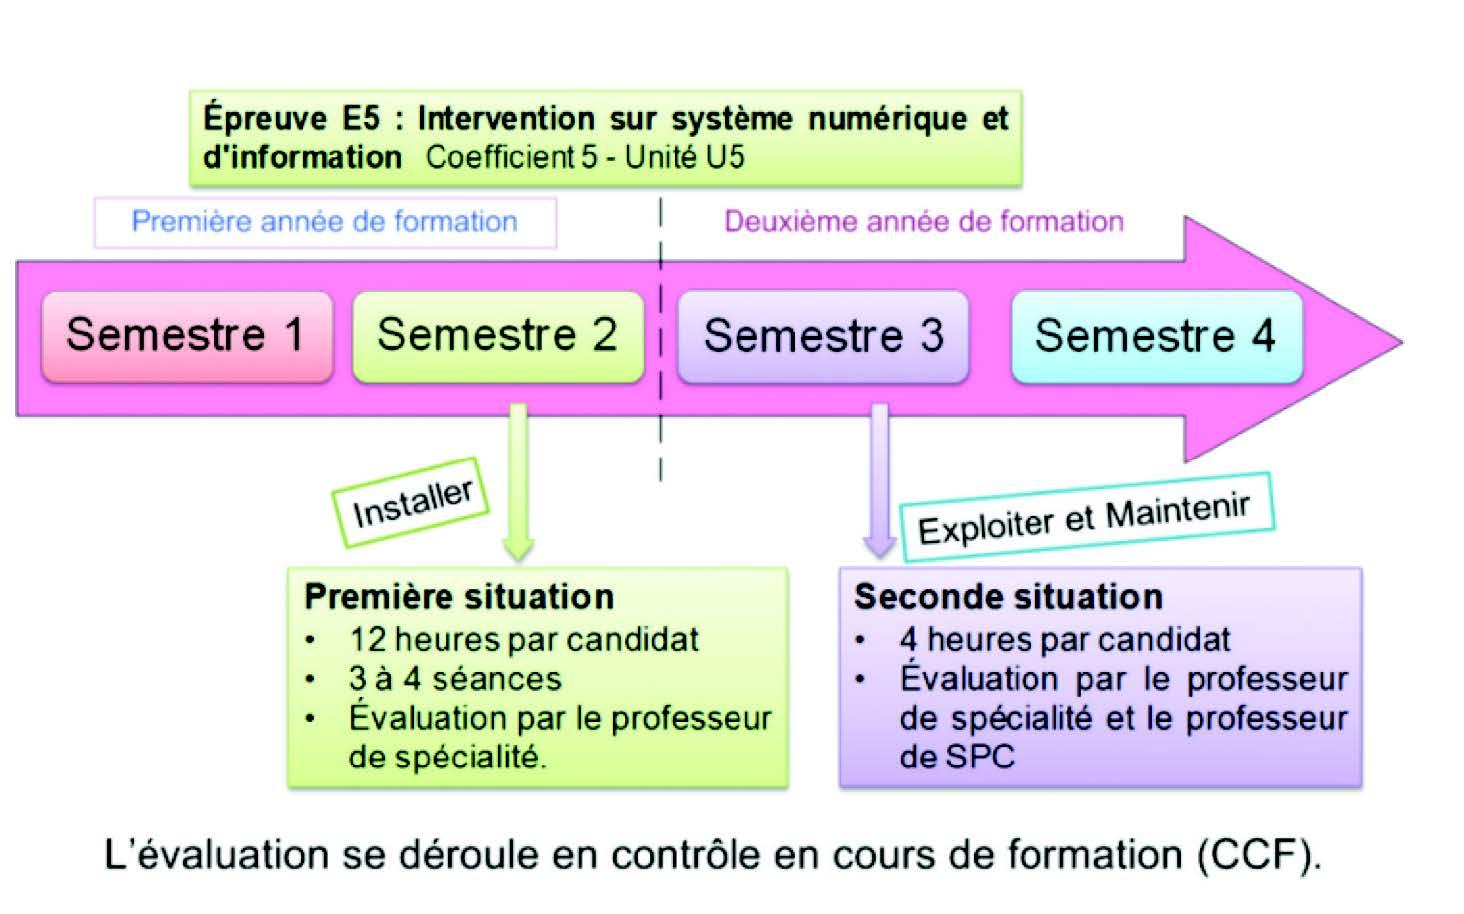 L'évaluation de l'épreuve E5 d'intervention sur système numérique et d